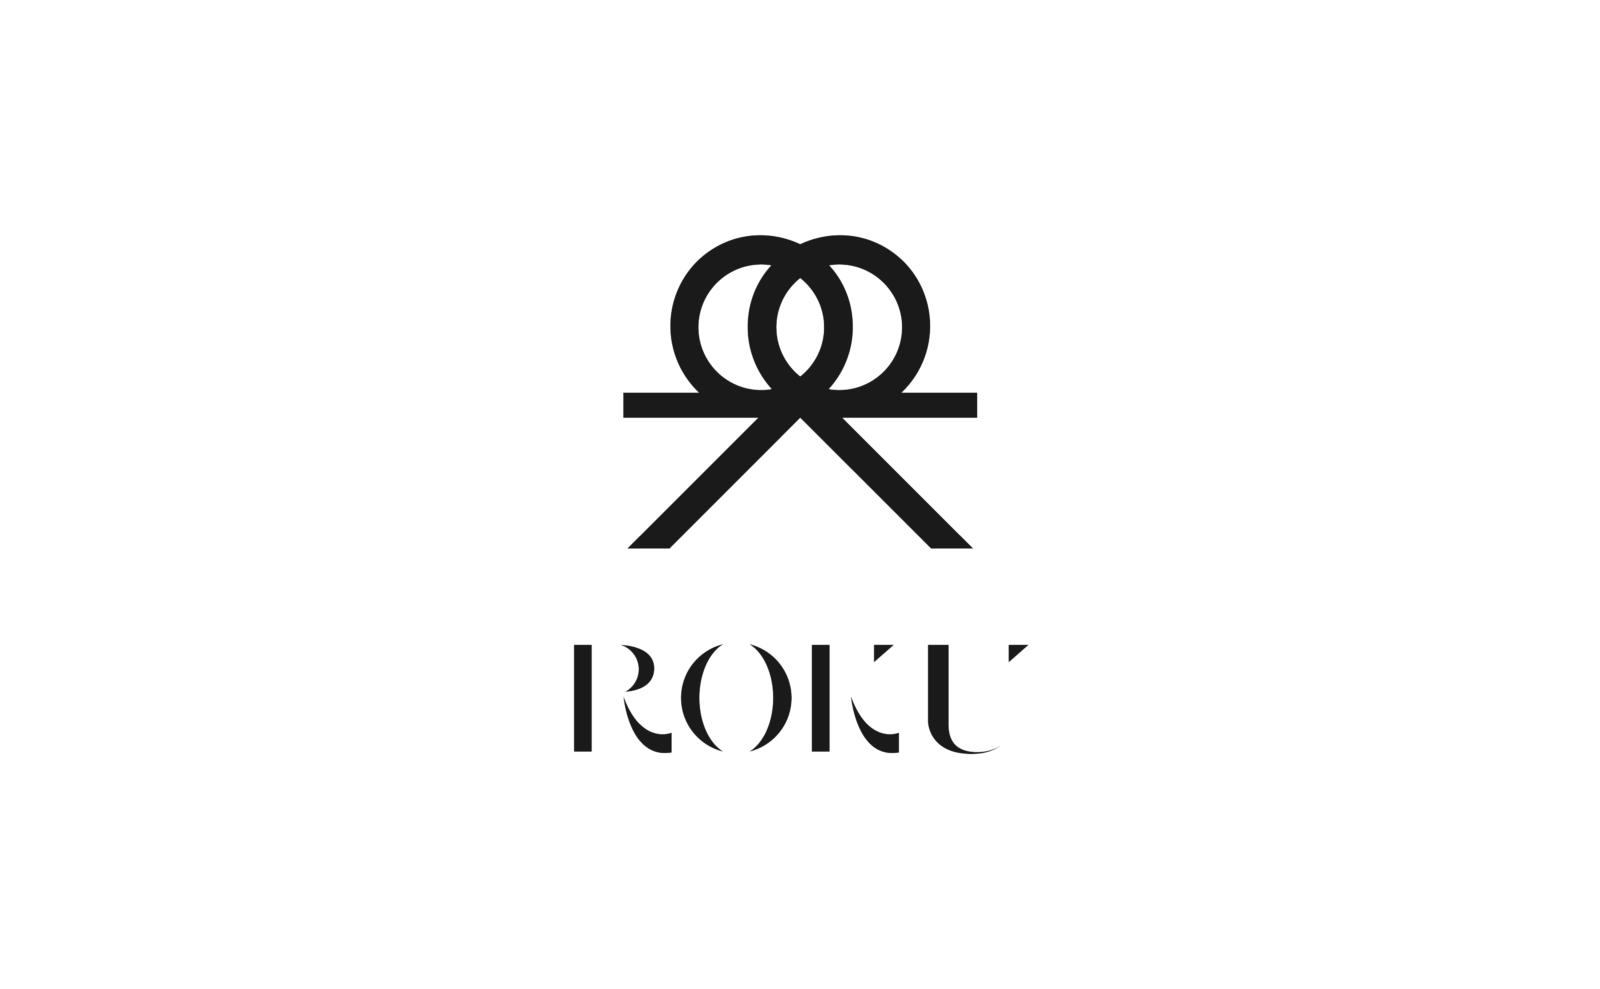 ROKU__-1